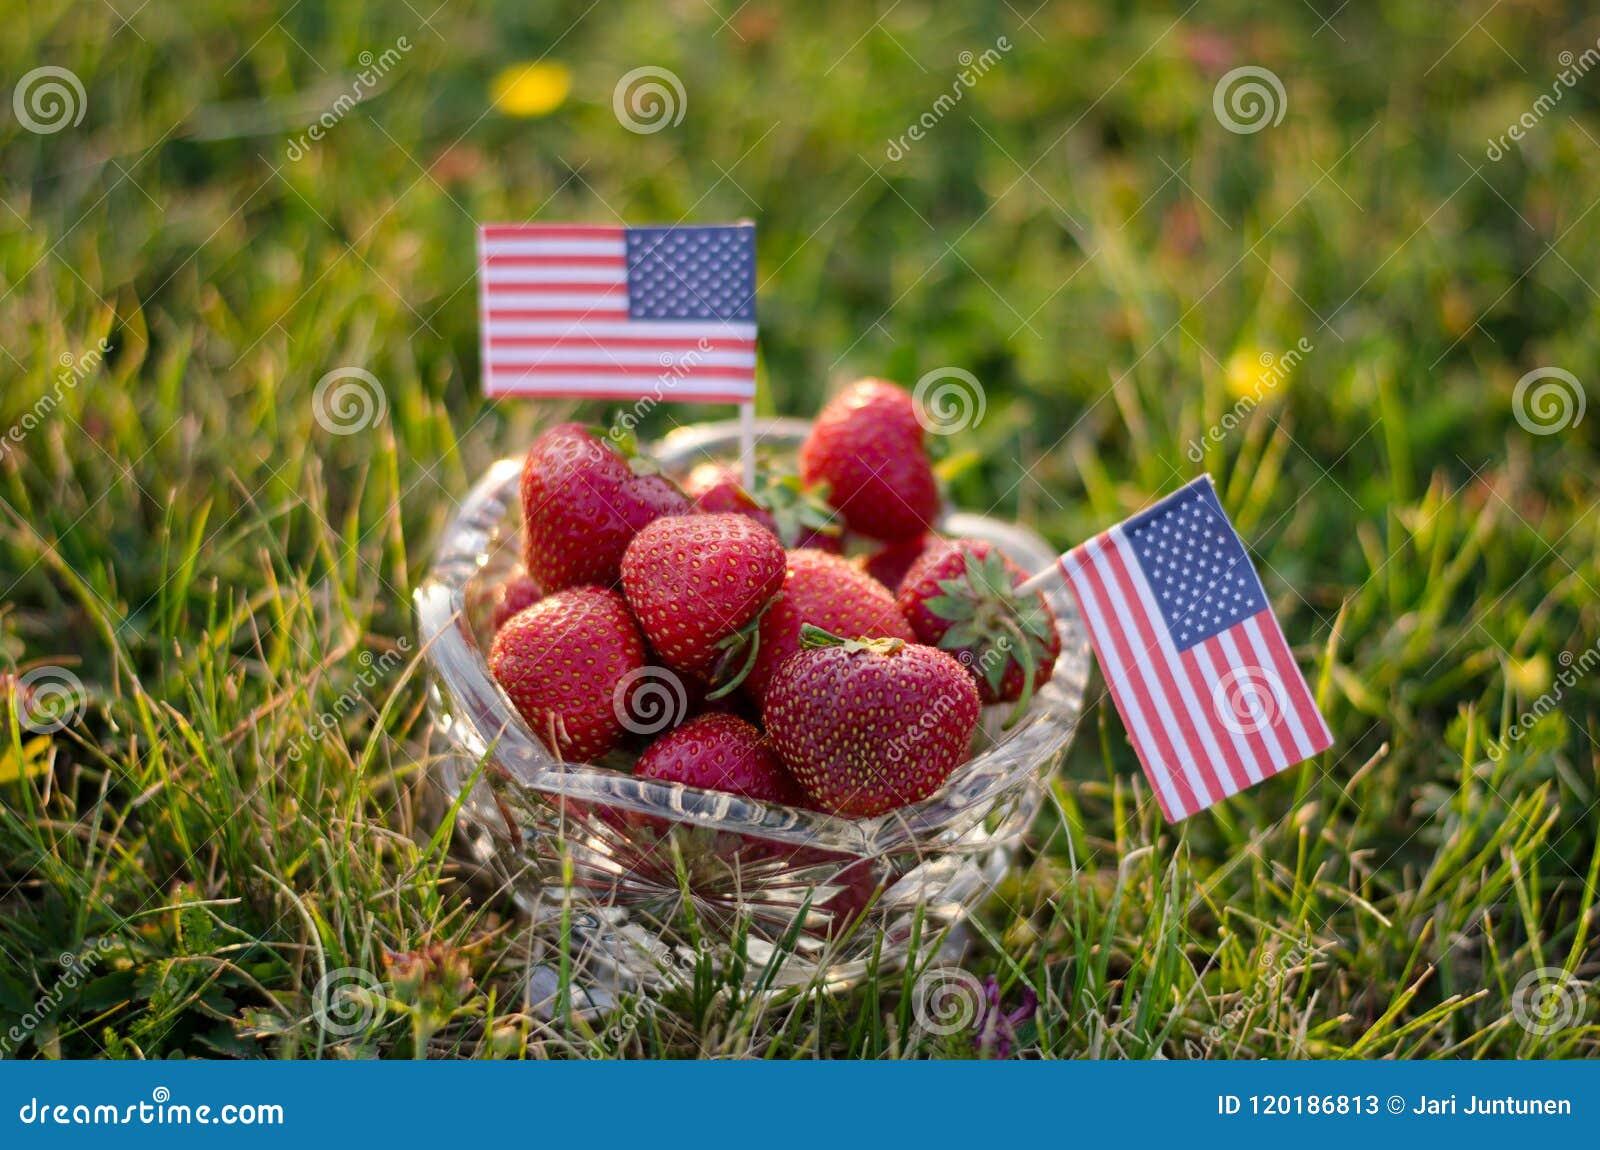 Erdbeeren in einer Schüssel mit amerikanischen Flaggen